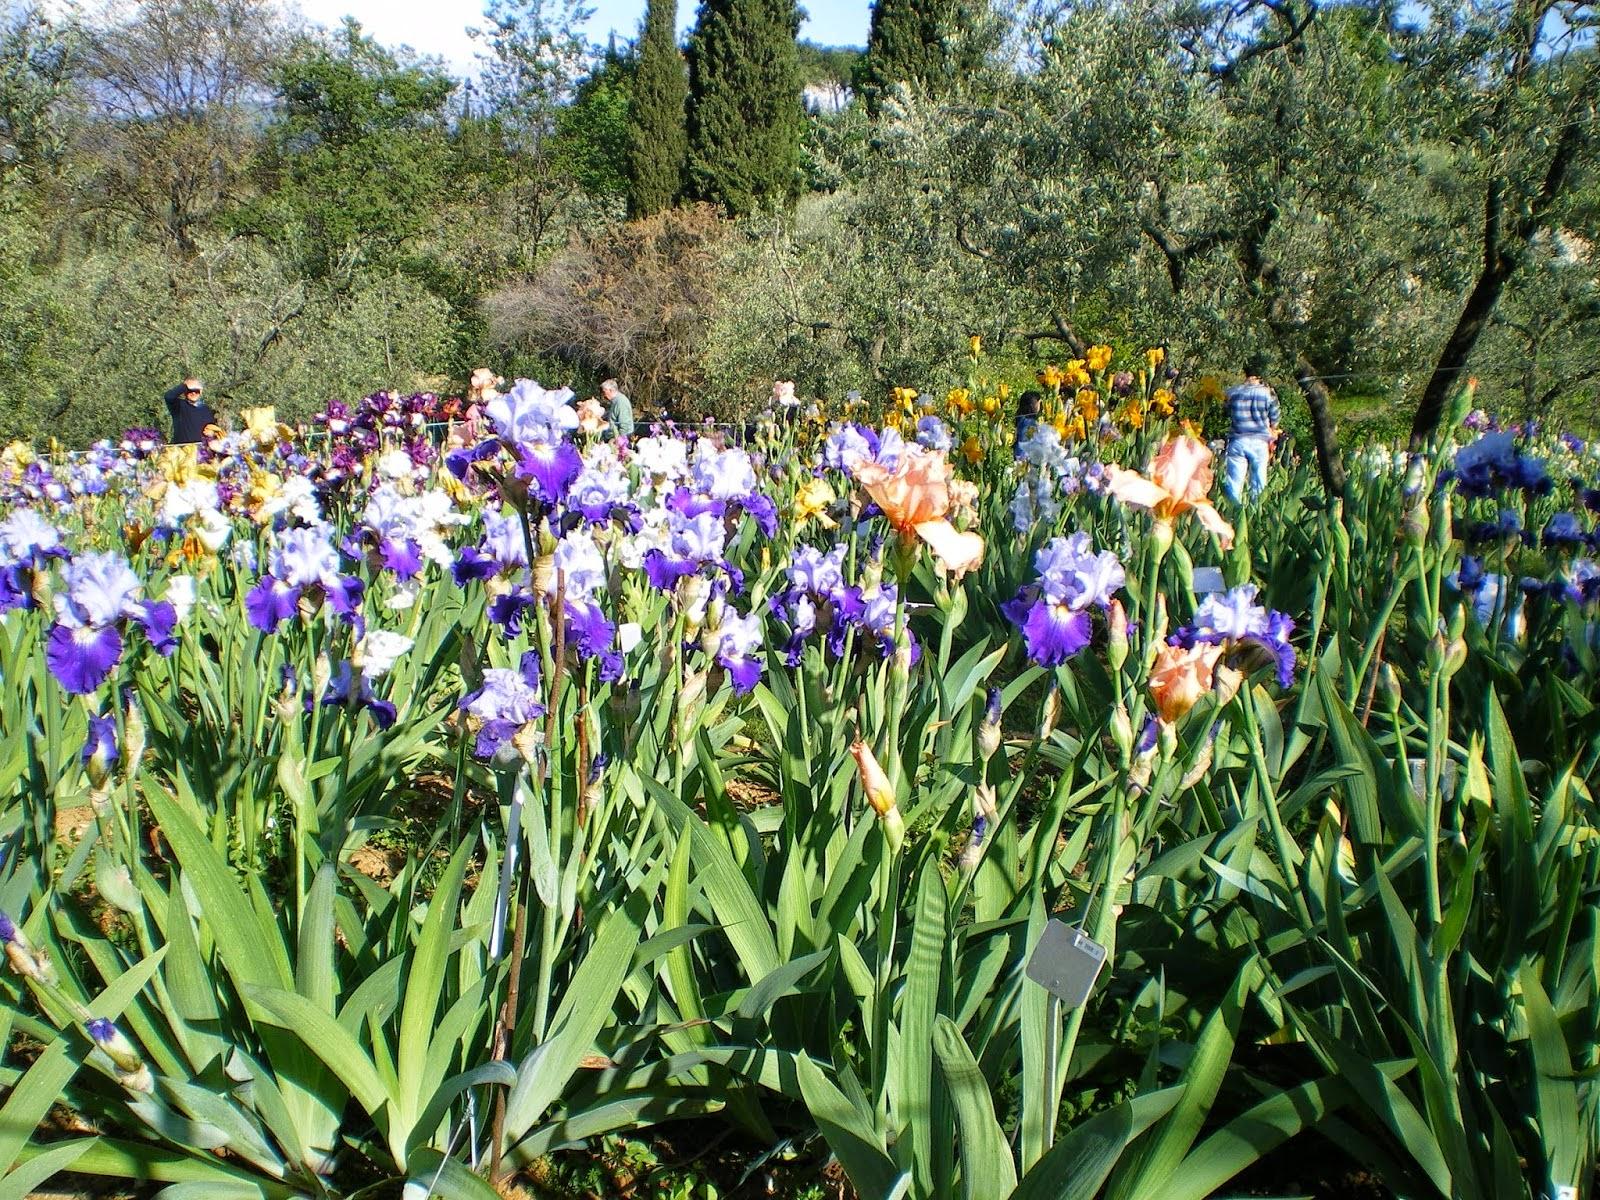 In primavera il giardino dell 39 iris di firenze e 39 una - Giardino dell iris firenze ...